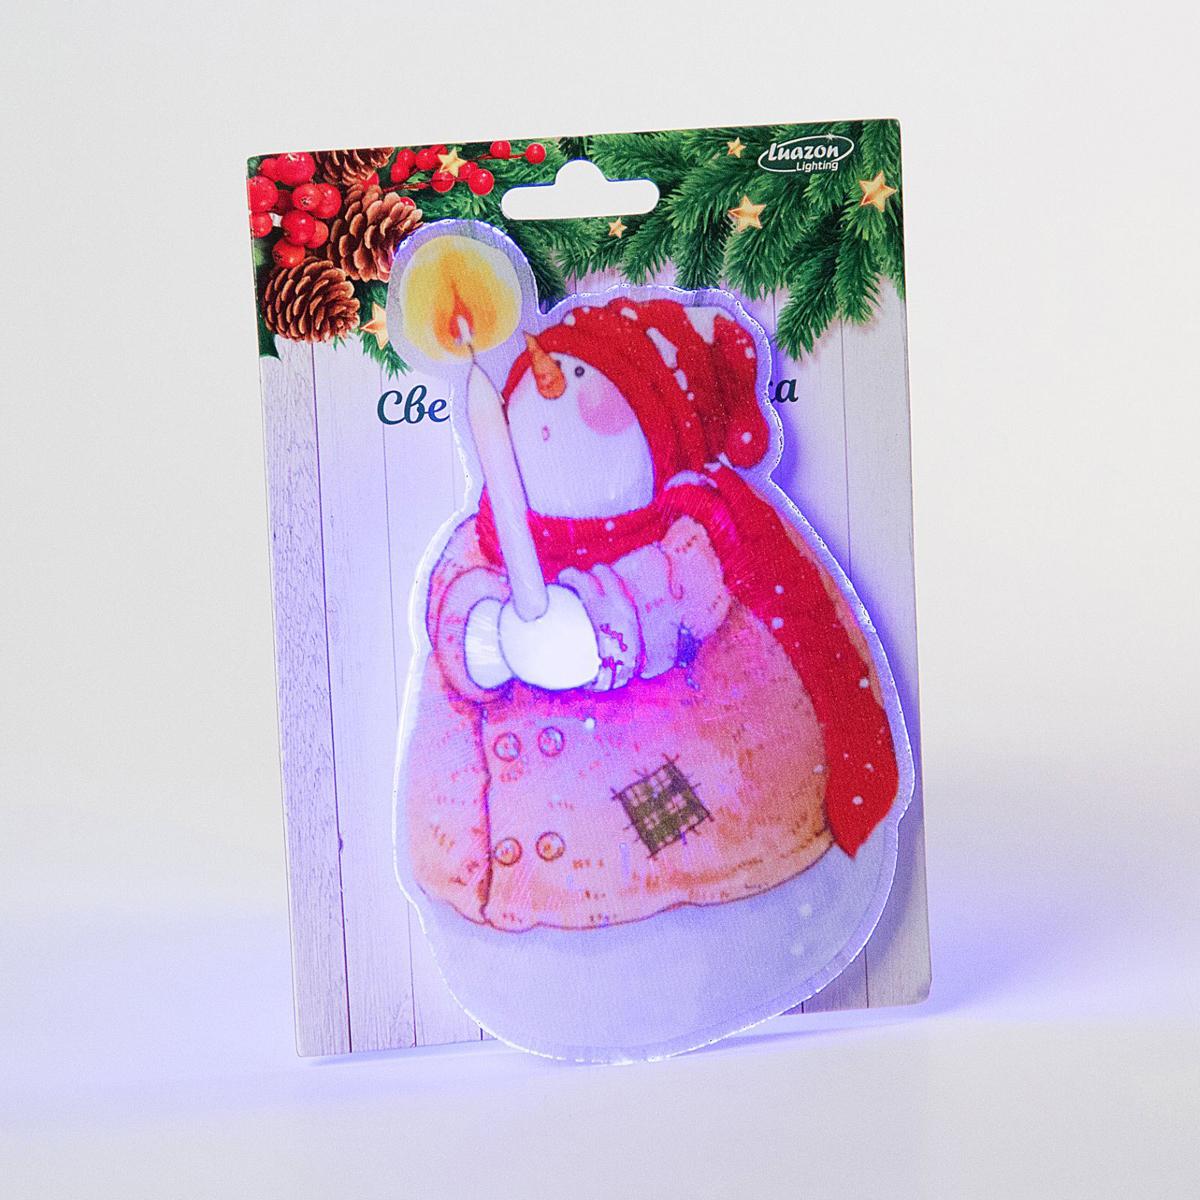 Картинка световая Luazon Снеговик рождественский, на присоске2364024Невозможно представить себе современный мир без электроприборов. Благодаря качественным материалам и работе дизайнеров они способны сделать нашу жизнь комфортнее и порадовать глаз. Световые картинки - это прекрасный выбор, если вы находитесь в поиске товара, который идеально впишется в ежедневную жизнь и прослужит долго.